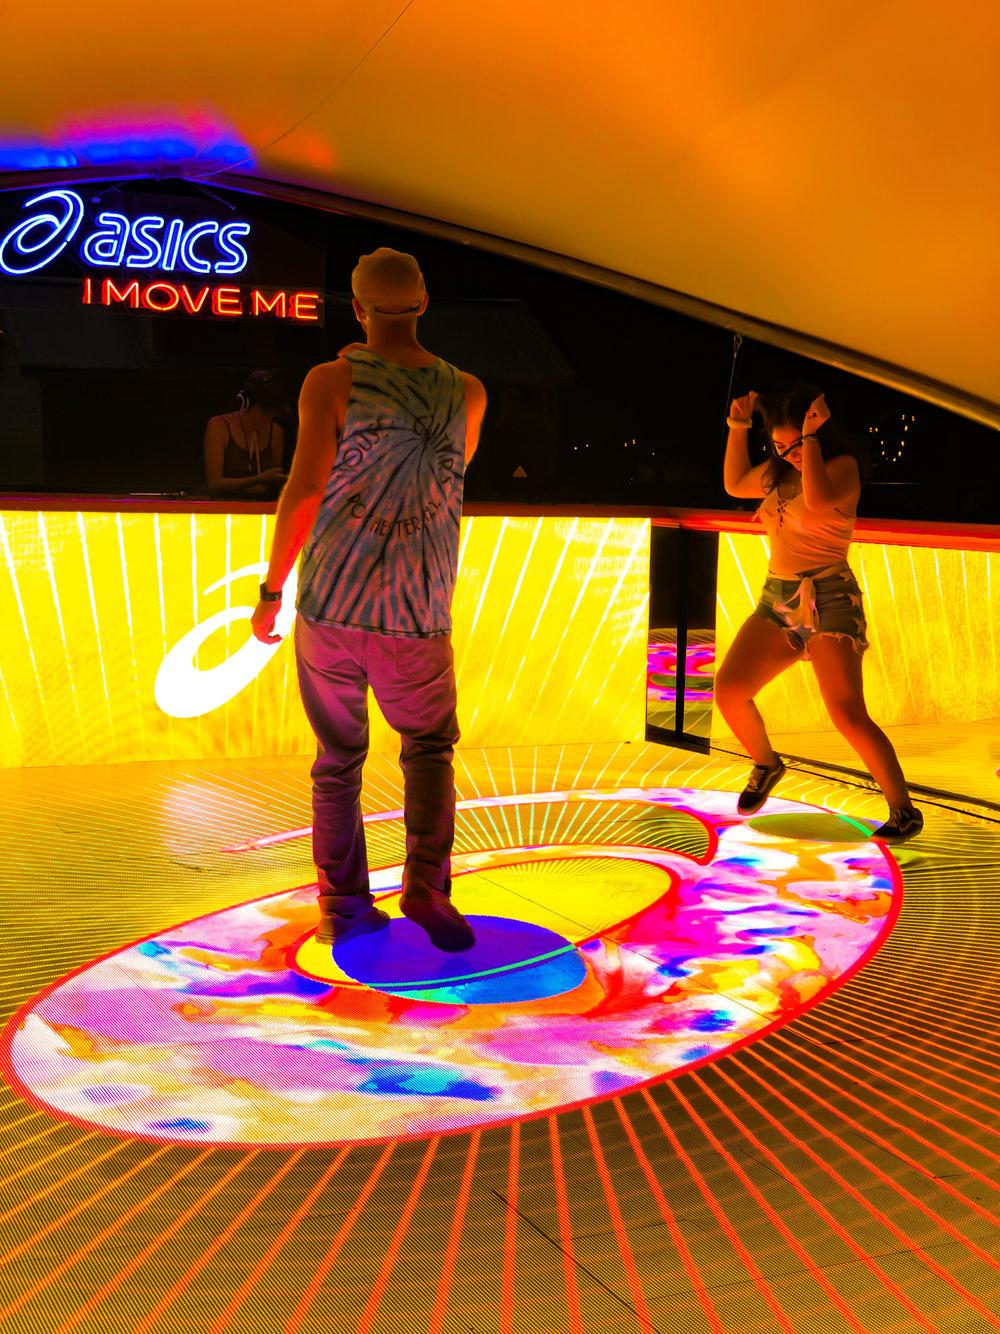 activefloor-asics-lollapalooza-dancing5.jpg